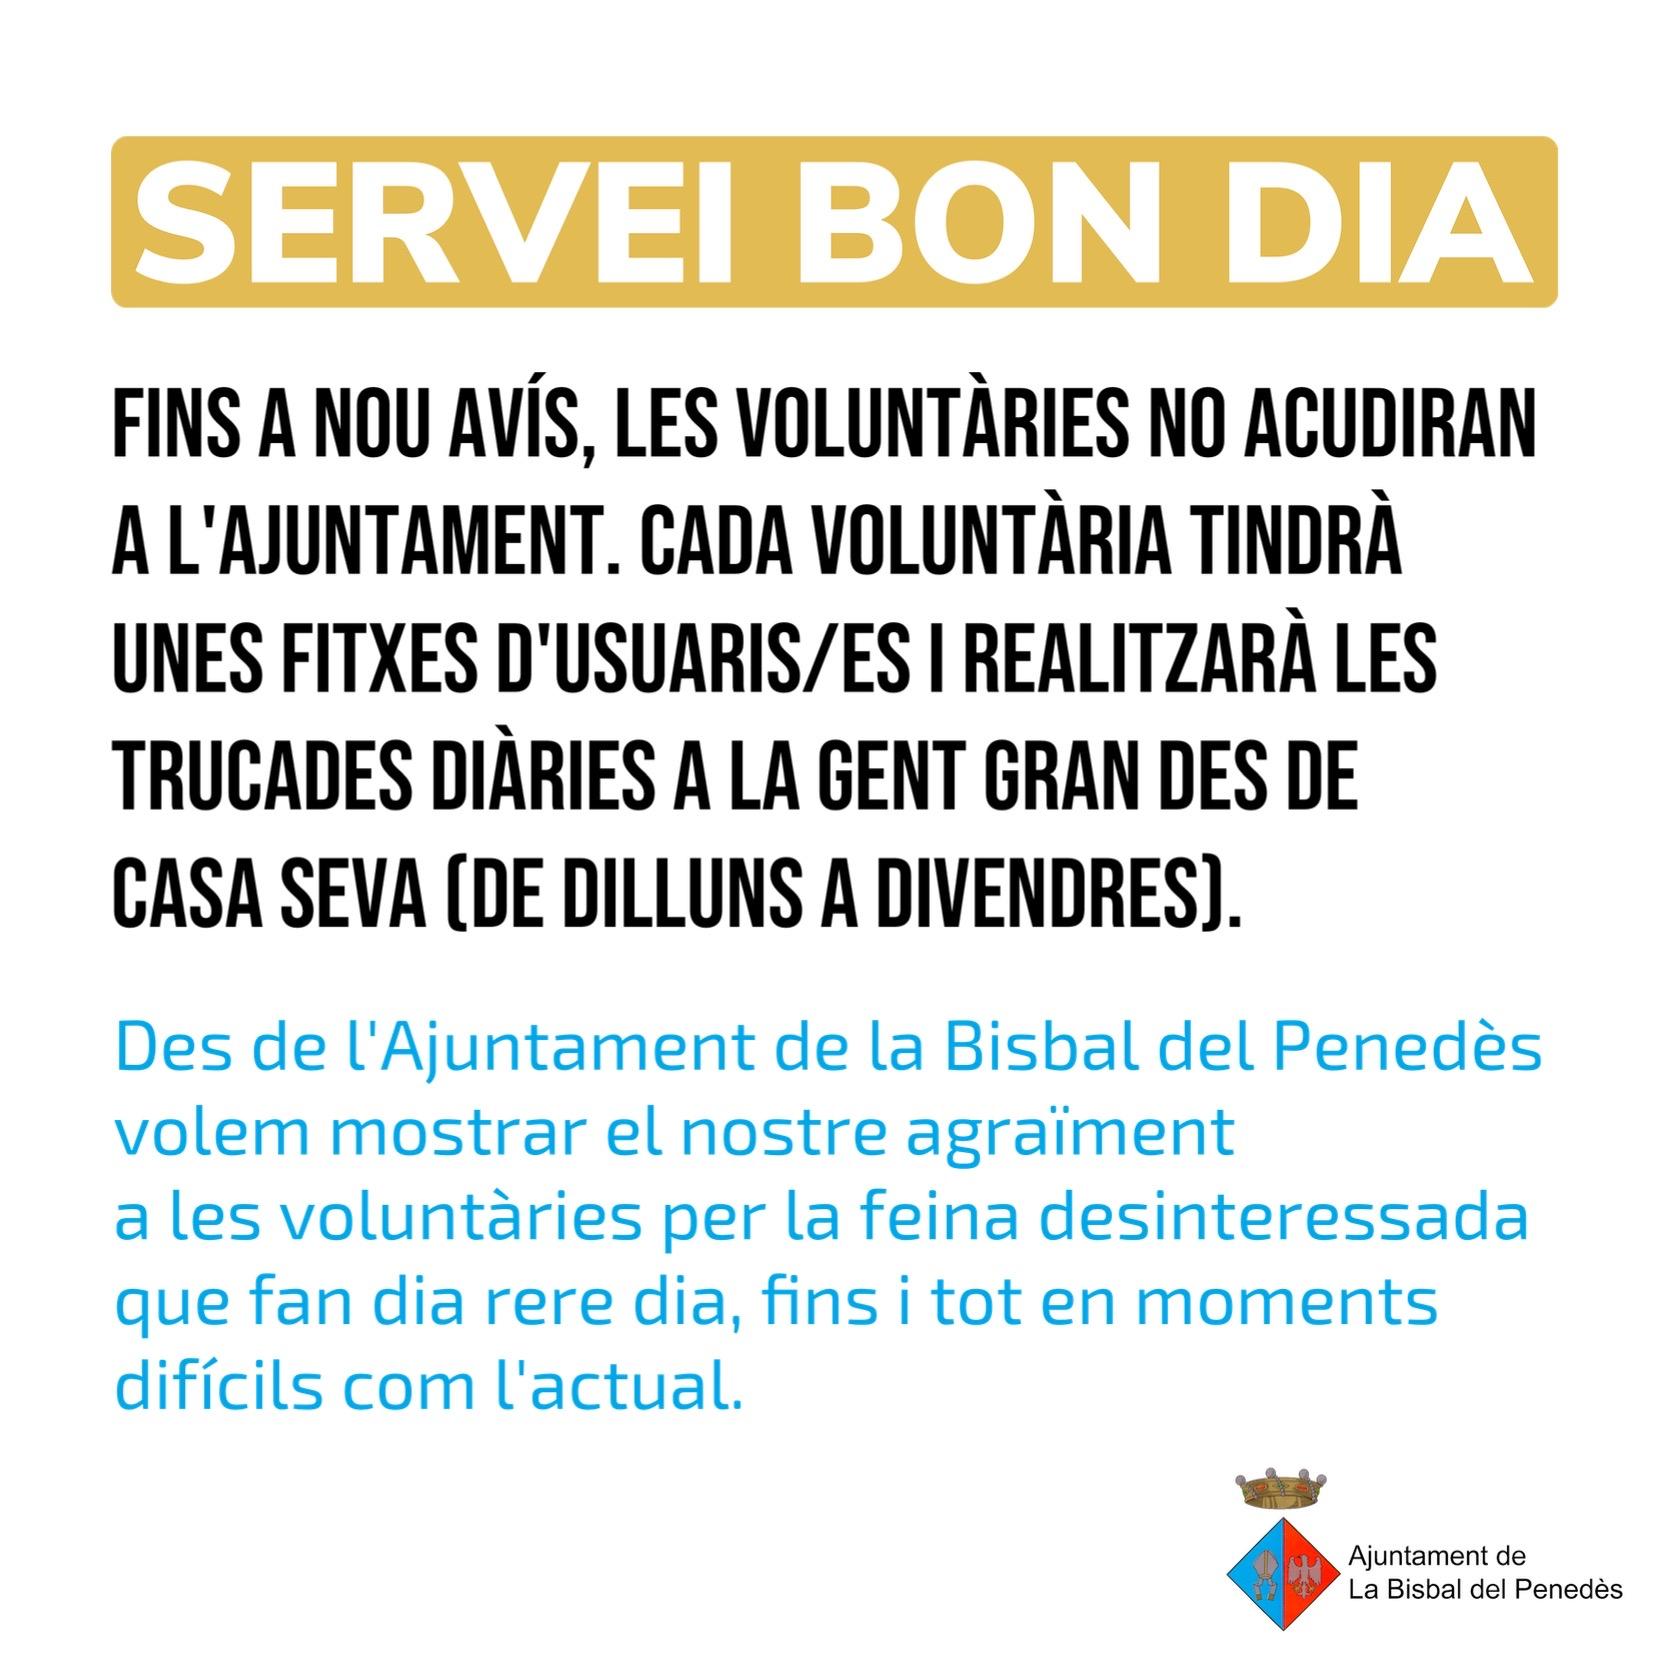 Les voluntàries del Servei Bon dia faran les trucades des de casa seva